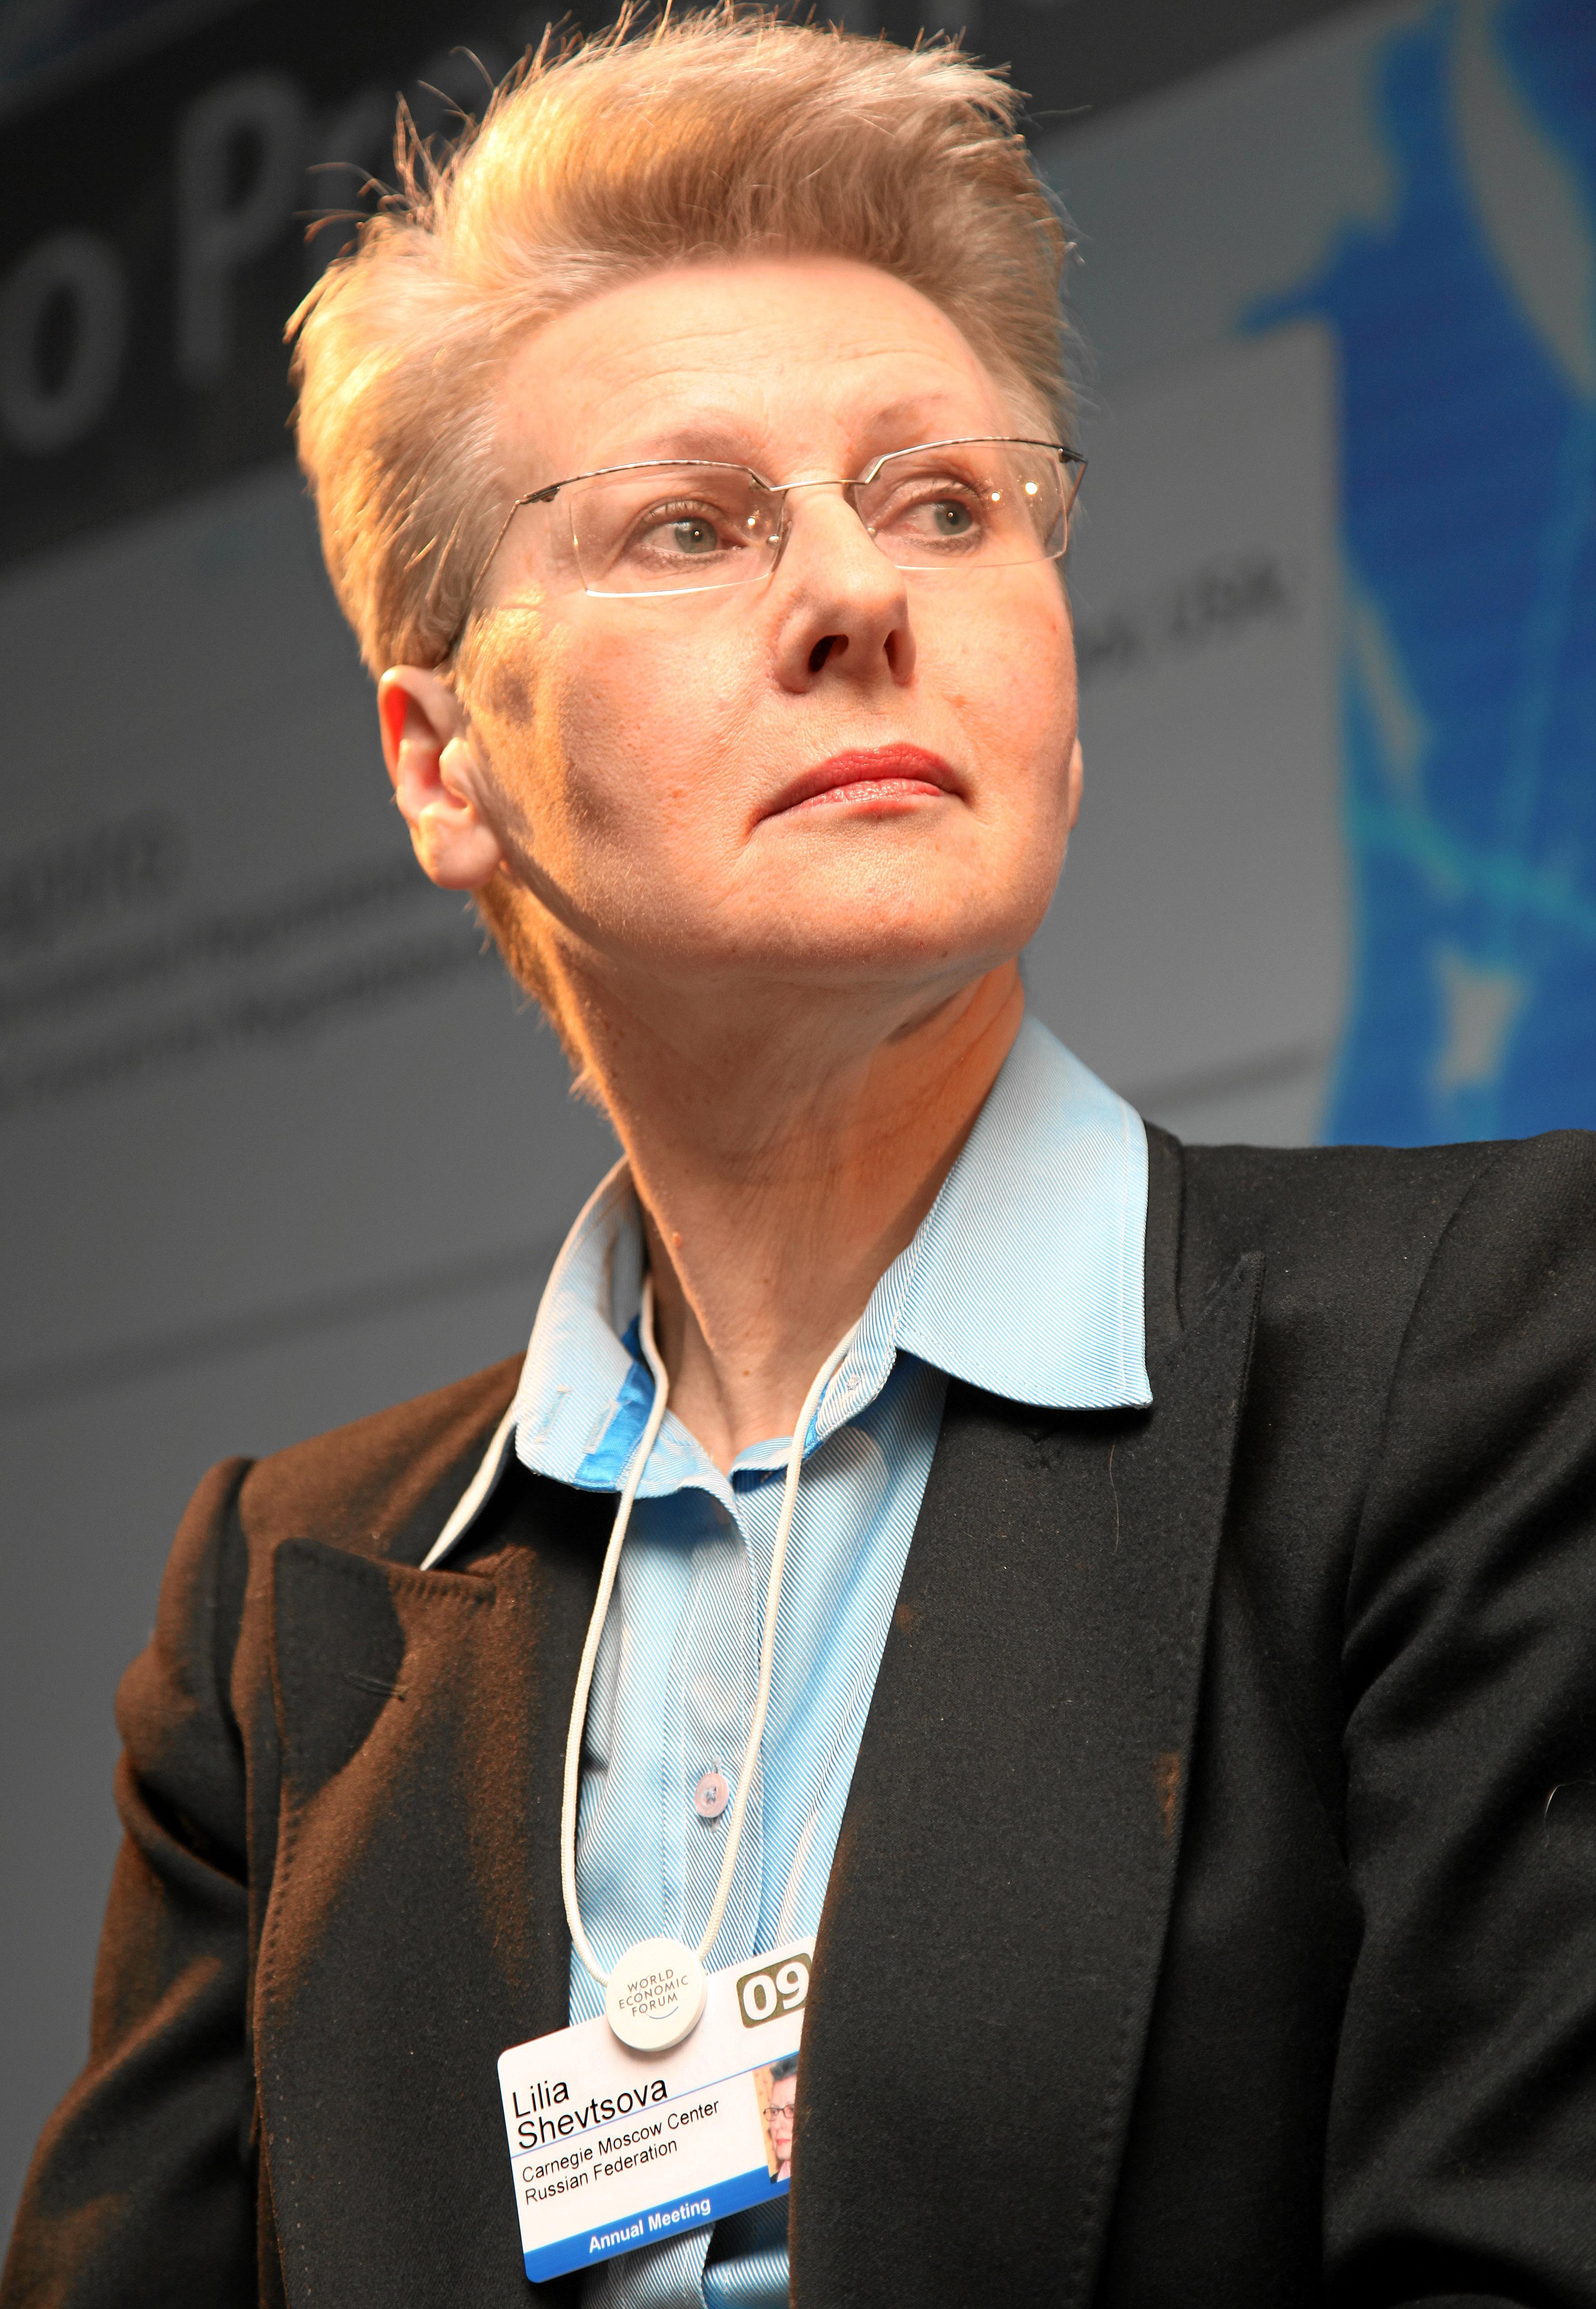 Lilia Shevtsova at the 2009 [[World Economic Forum